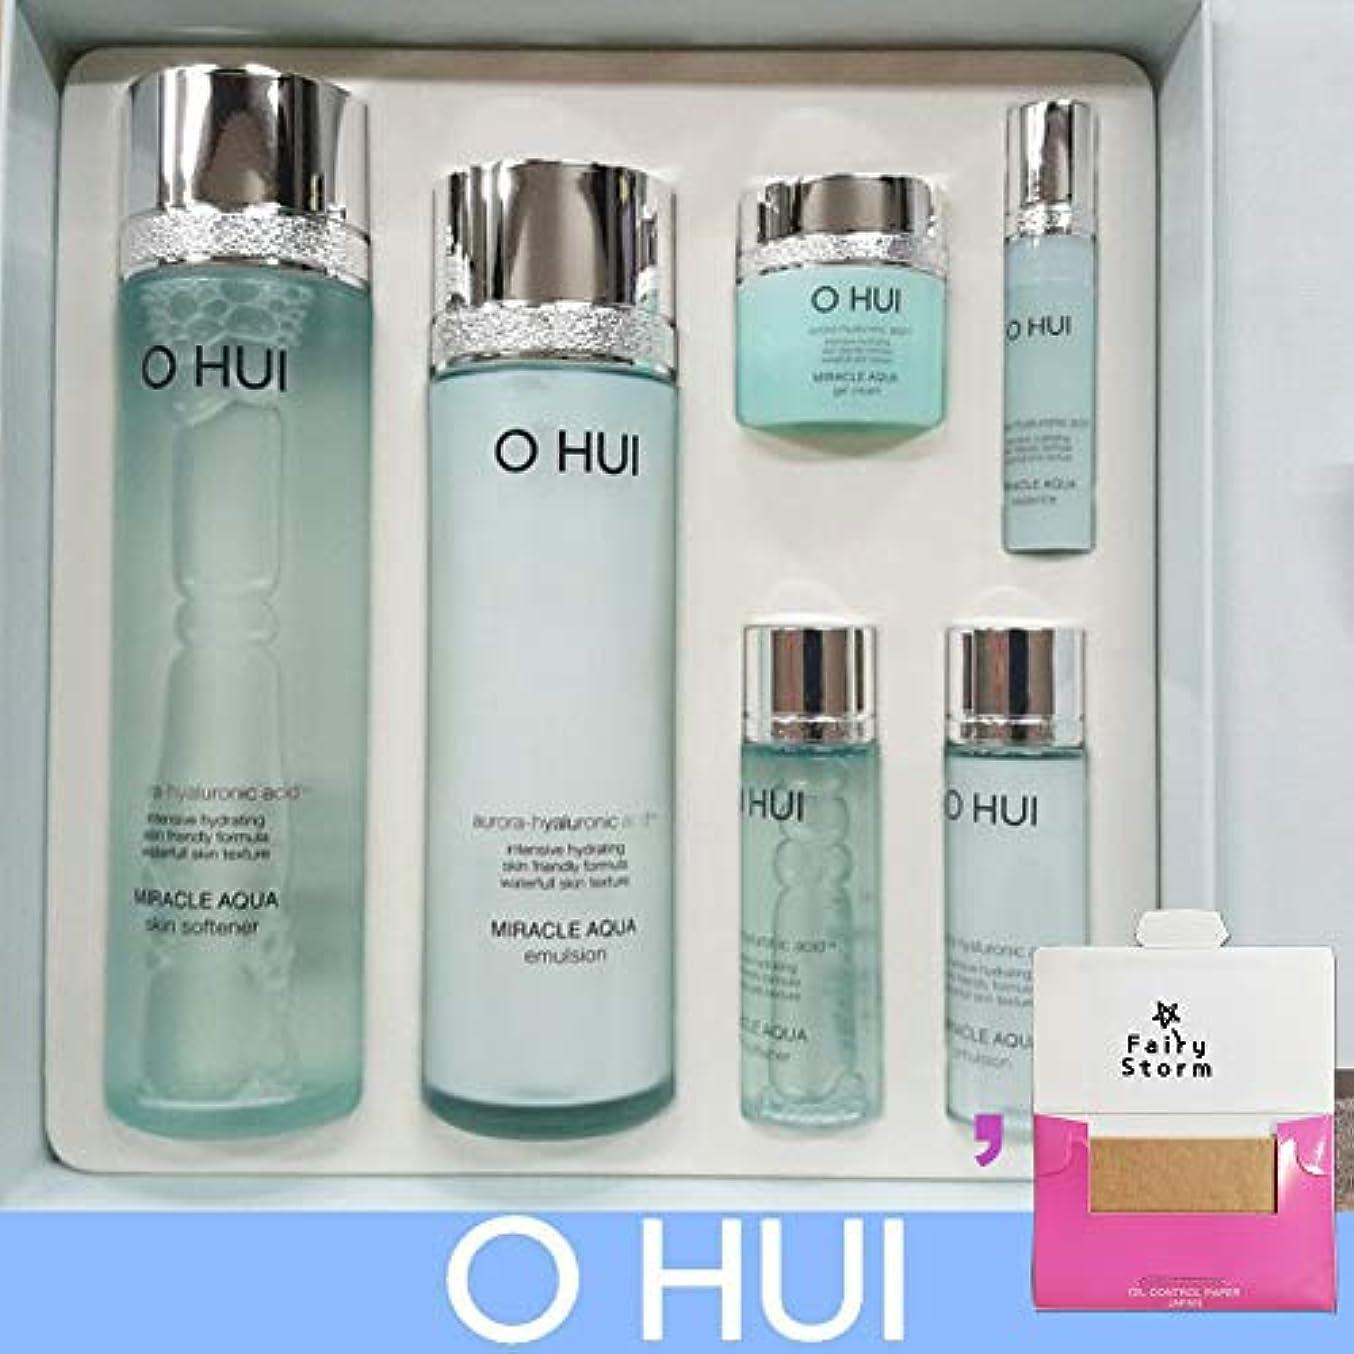 偽物ケーブルカー勇敢な[オフィ/O HUI]韓国化粧品LG生活健康/O HUI MIRACLE AQUA SPECIAL SET/ミラクルアクア2種セット+[Sample Gift](海外直送品)